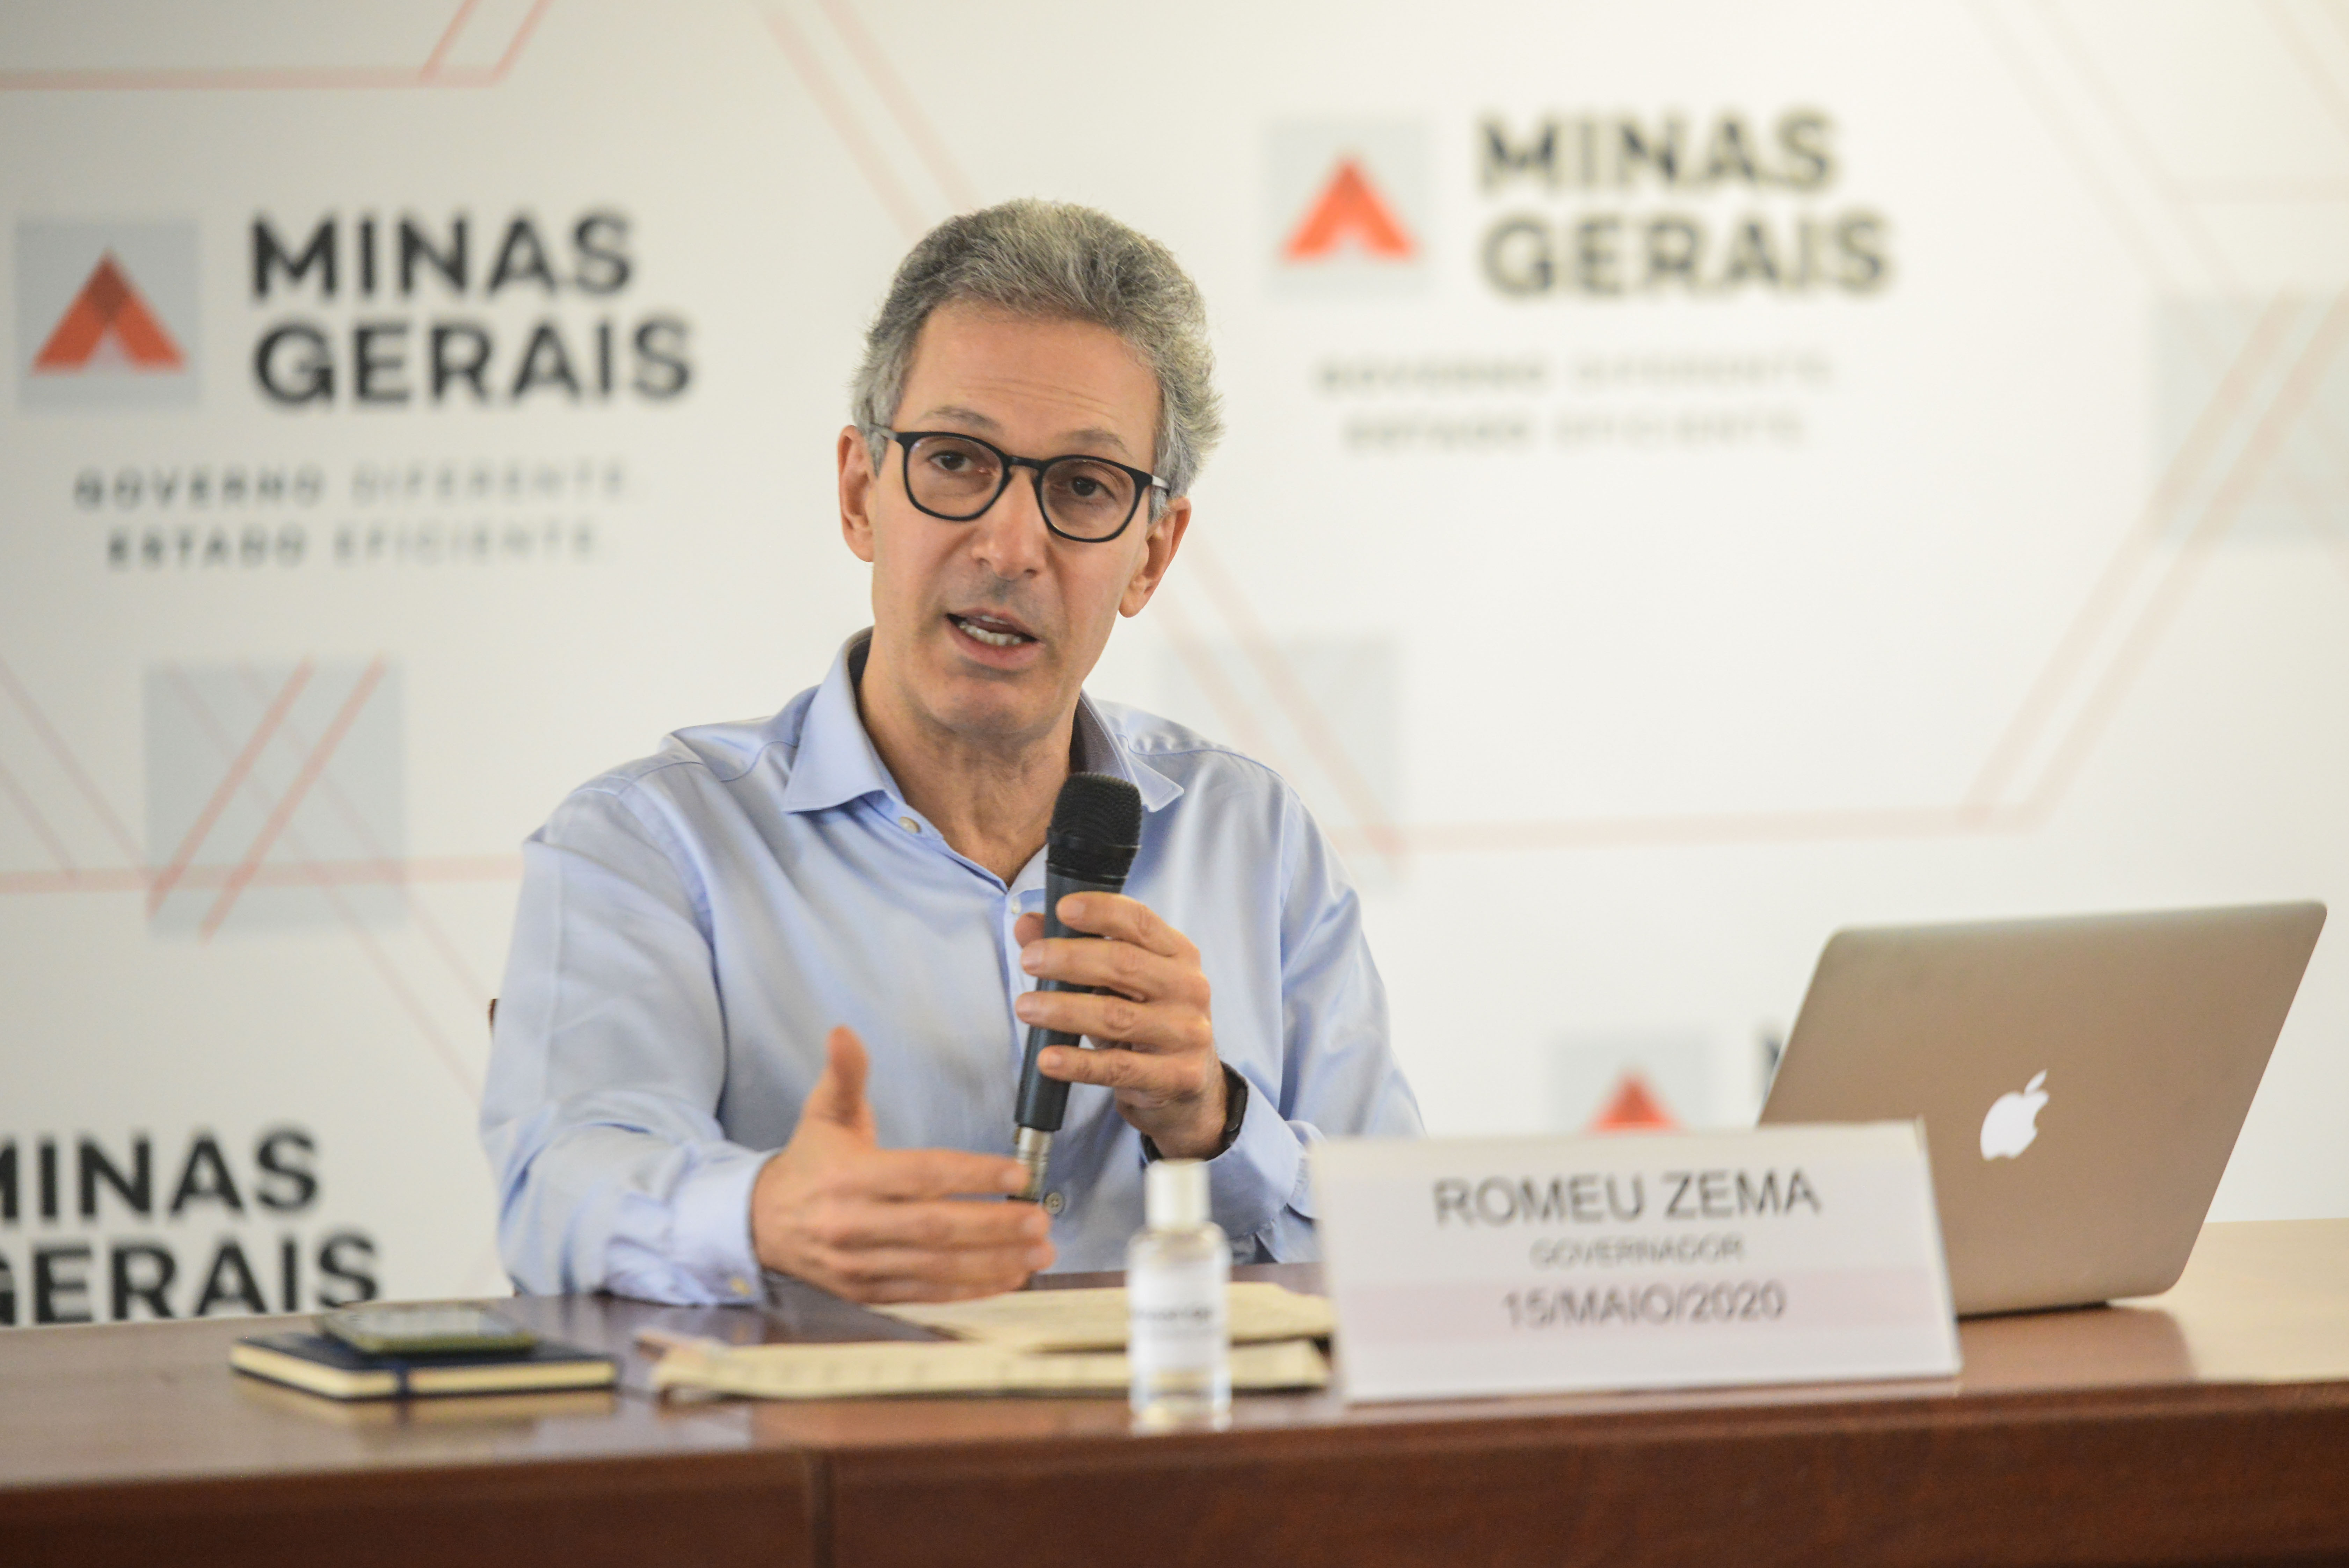 Governador mineiro cumpre agenda na região